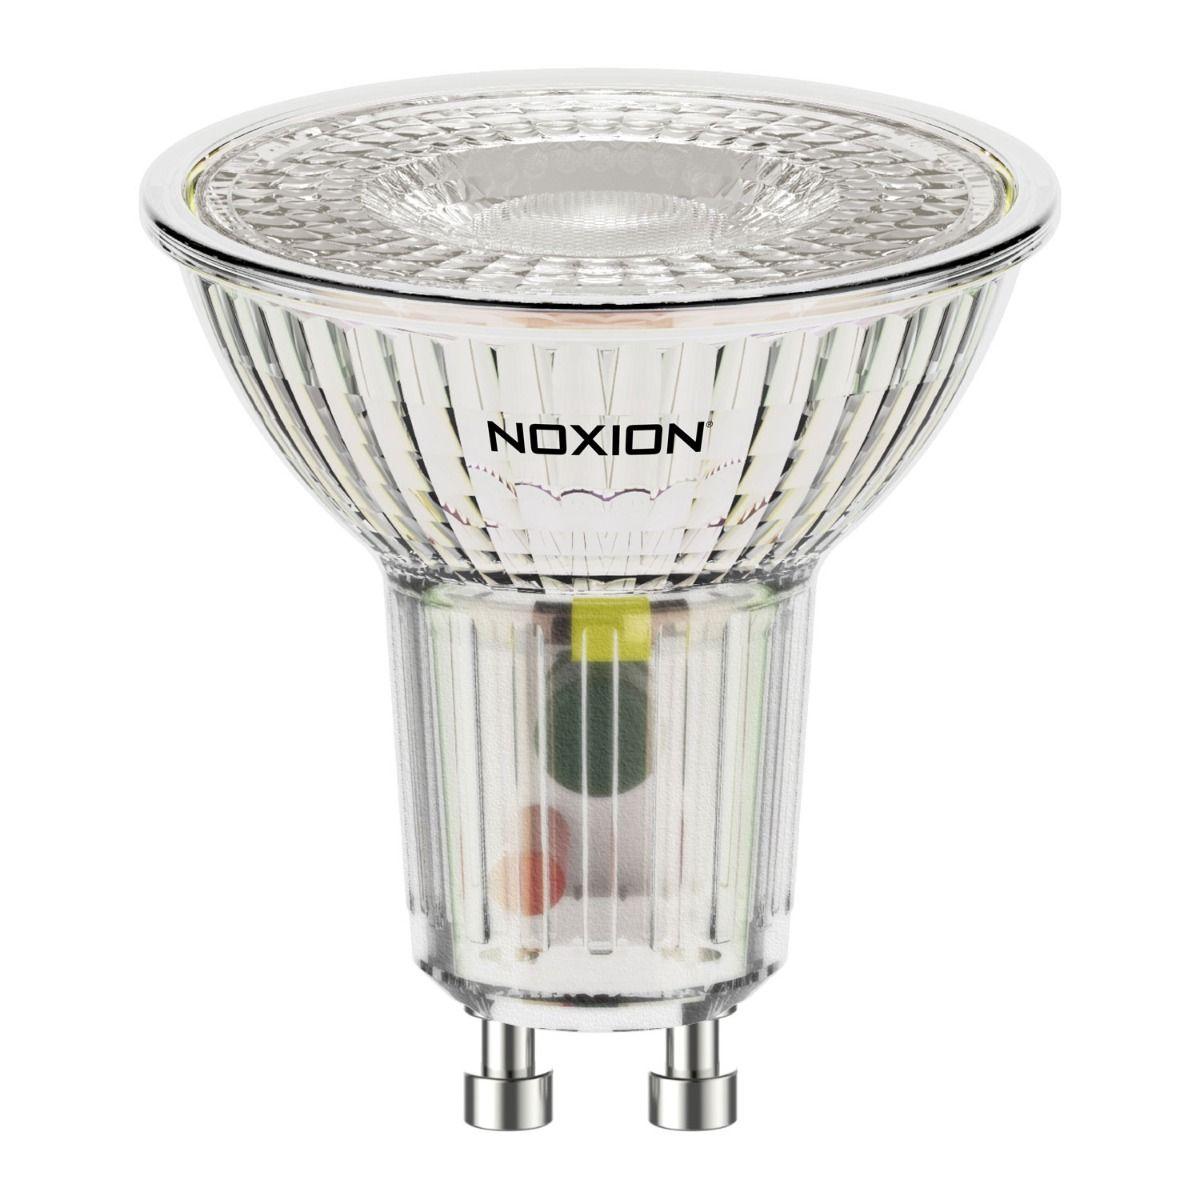 Noxion LED Spot GU10 3.7W 840 36D 270lm | Cool White - Replaces 35W